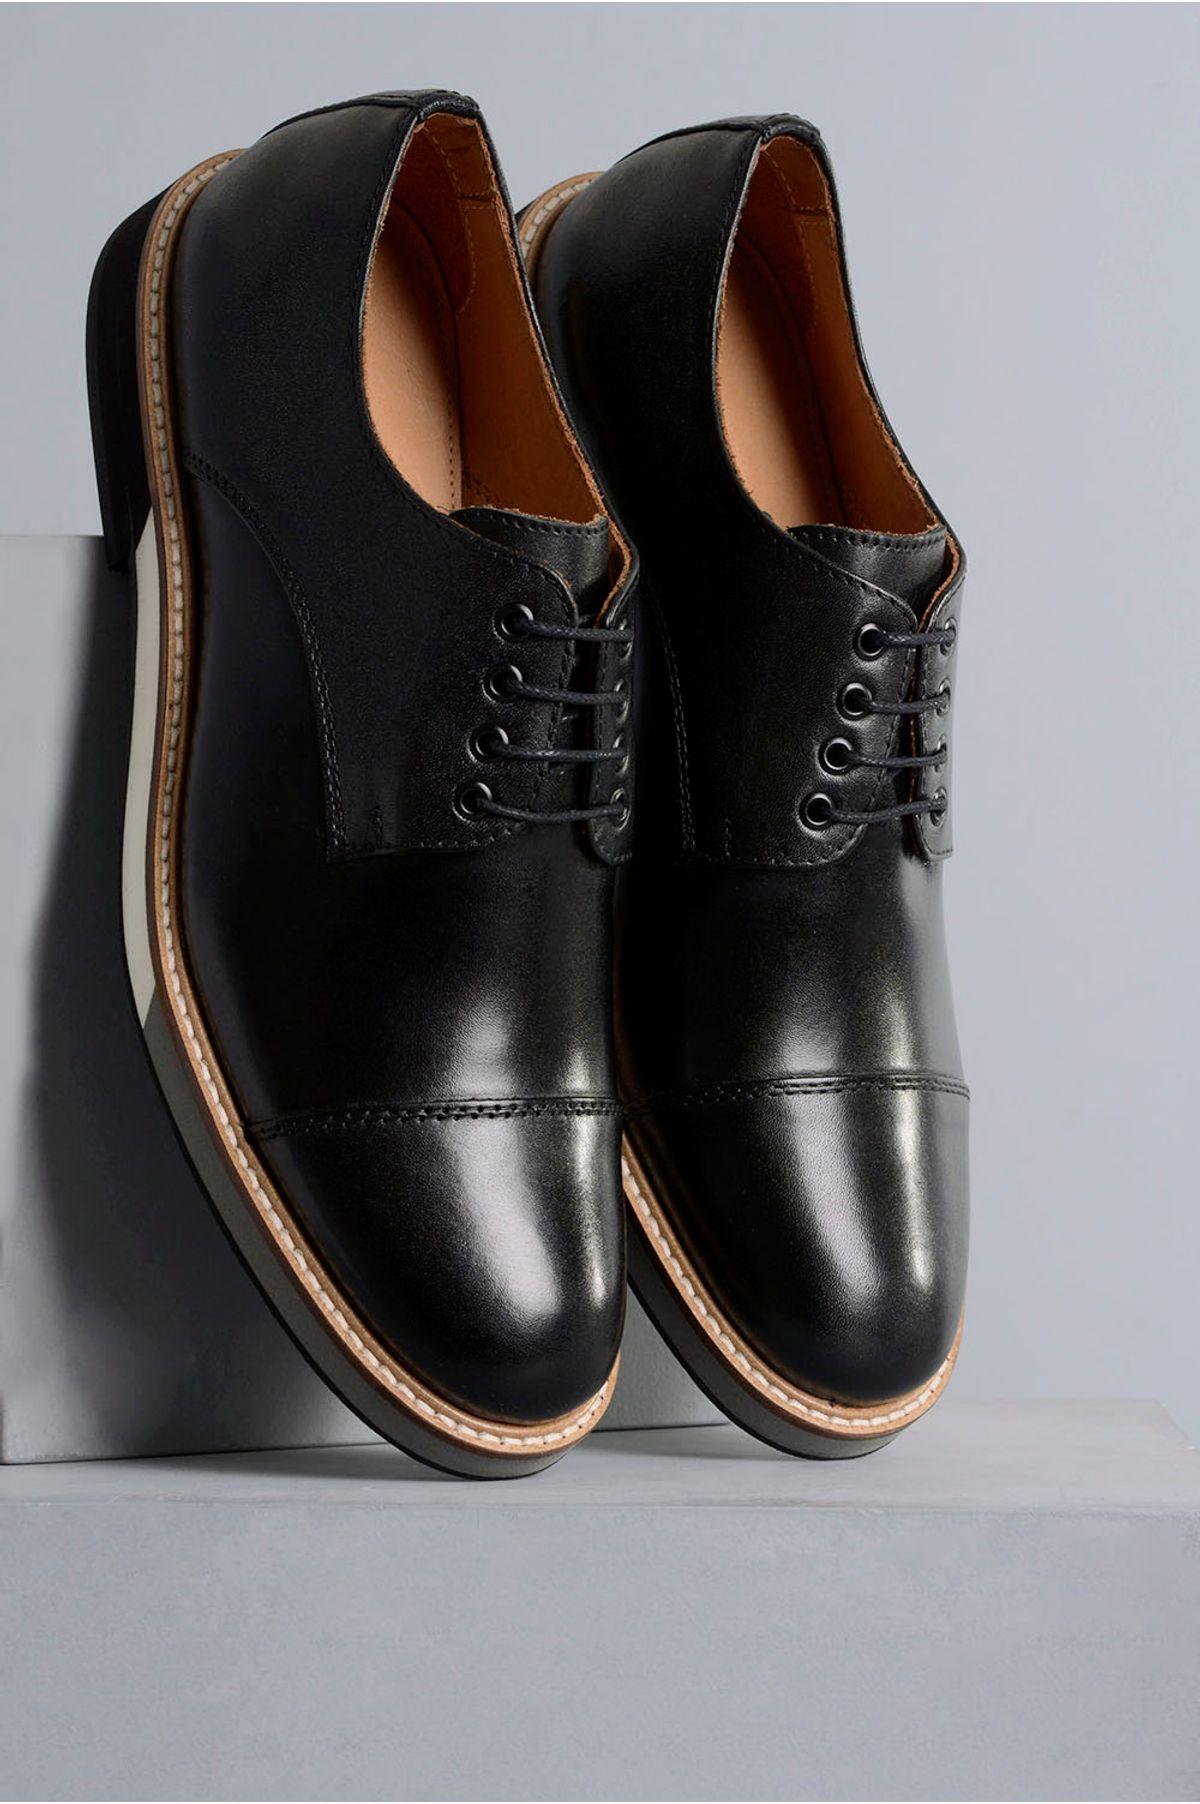 6a4cab2b7 Sapato Masculino Marcio Mundial CR-PRETO - Mundial Calçados